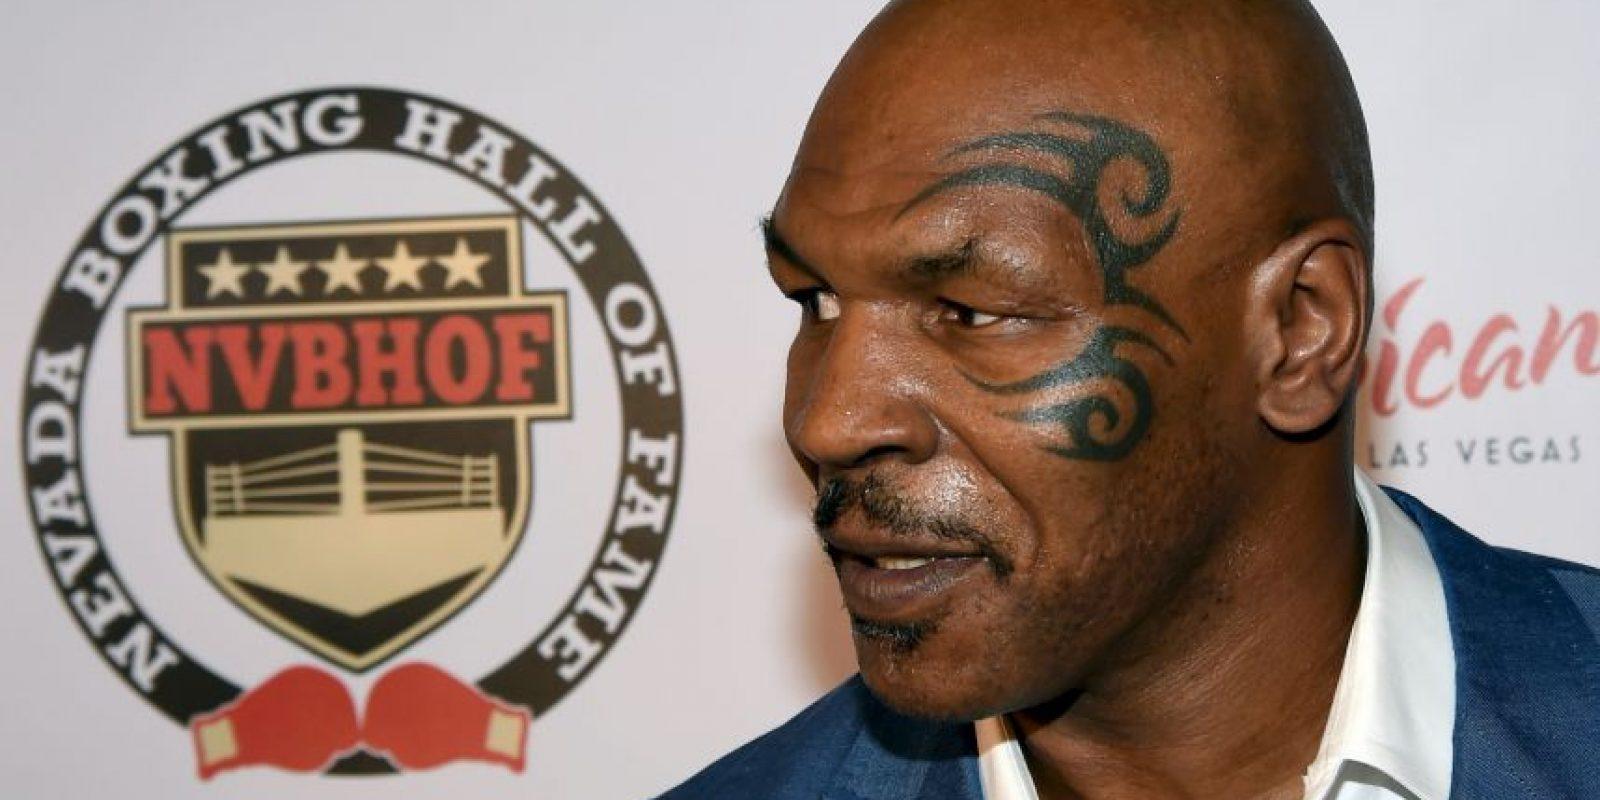 """Mike Tyson: El ex monarca de los pesos pesados confesó que era un """"cocainómano en toda la regla"""". Foto:Getty"""